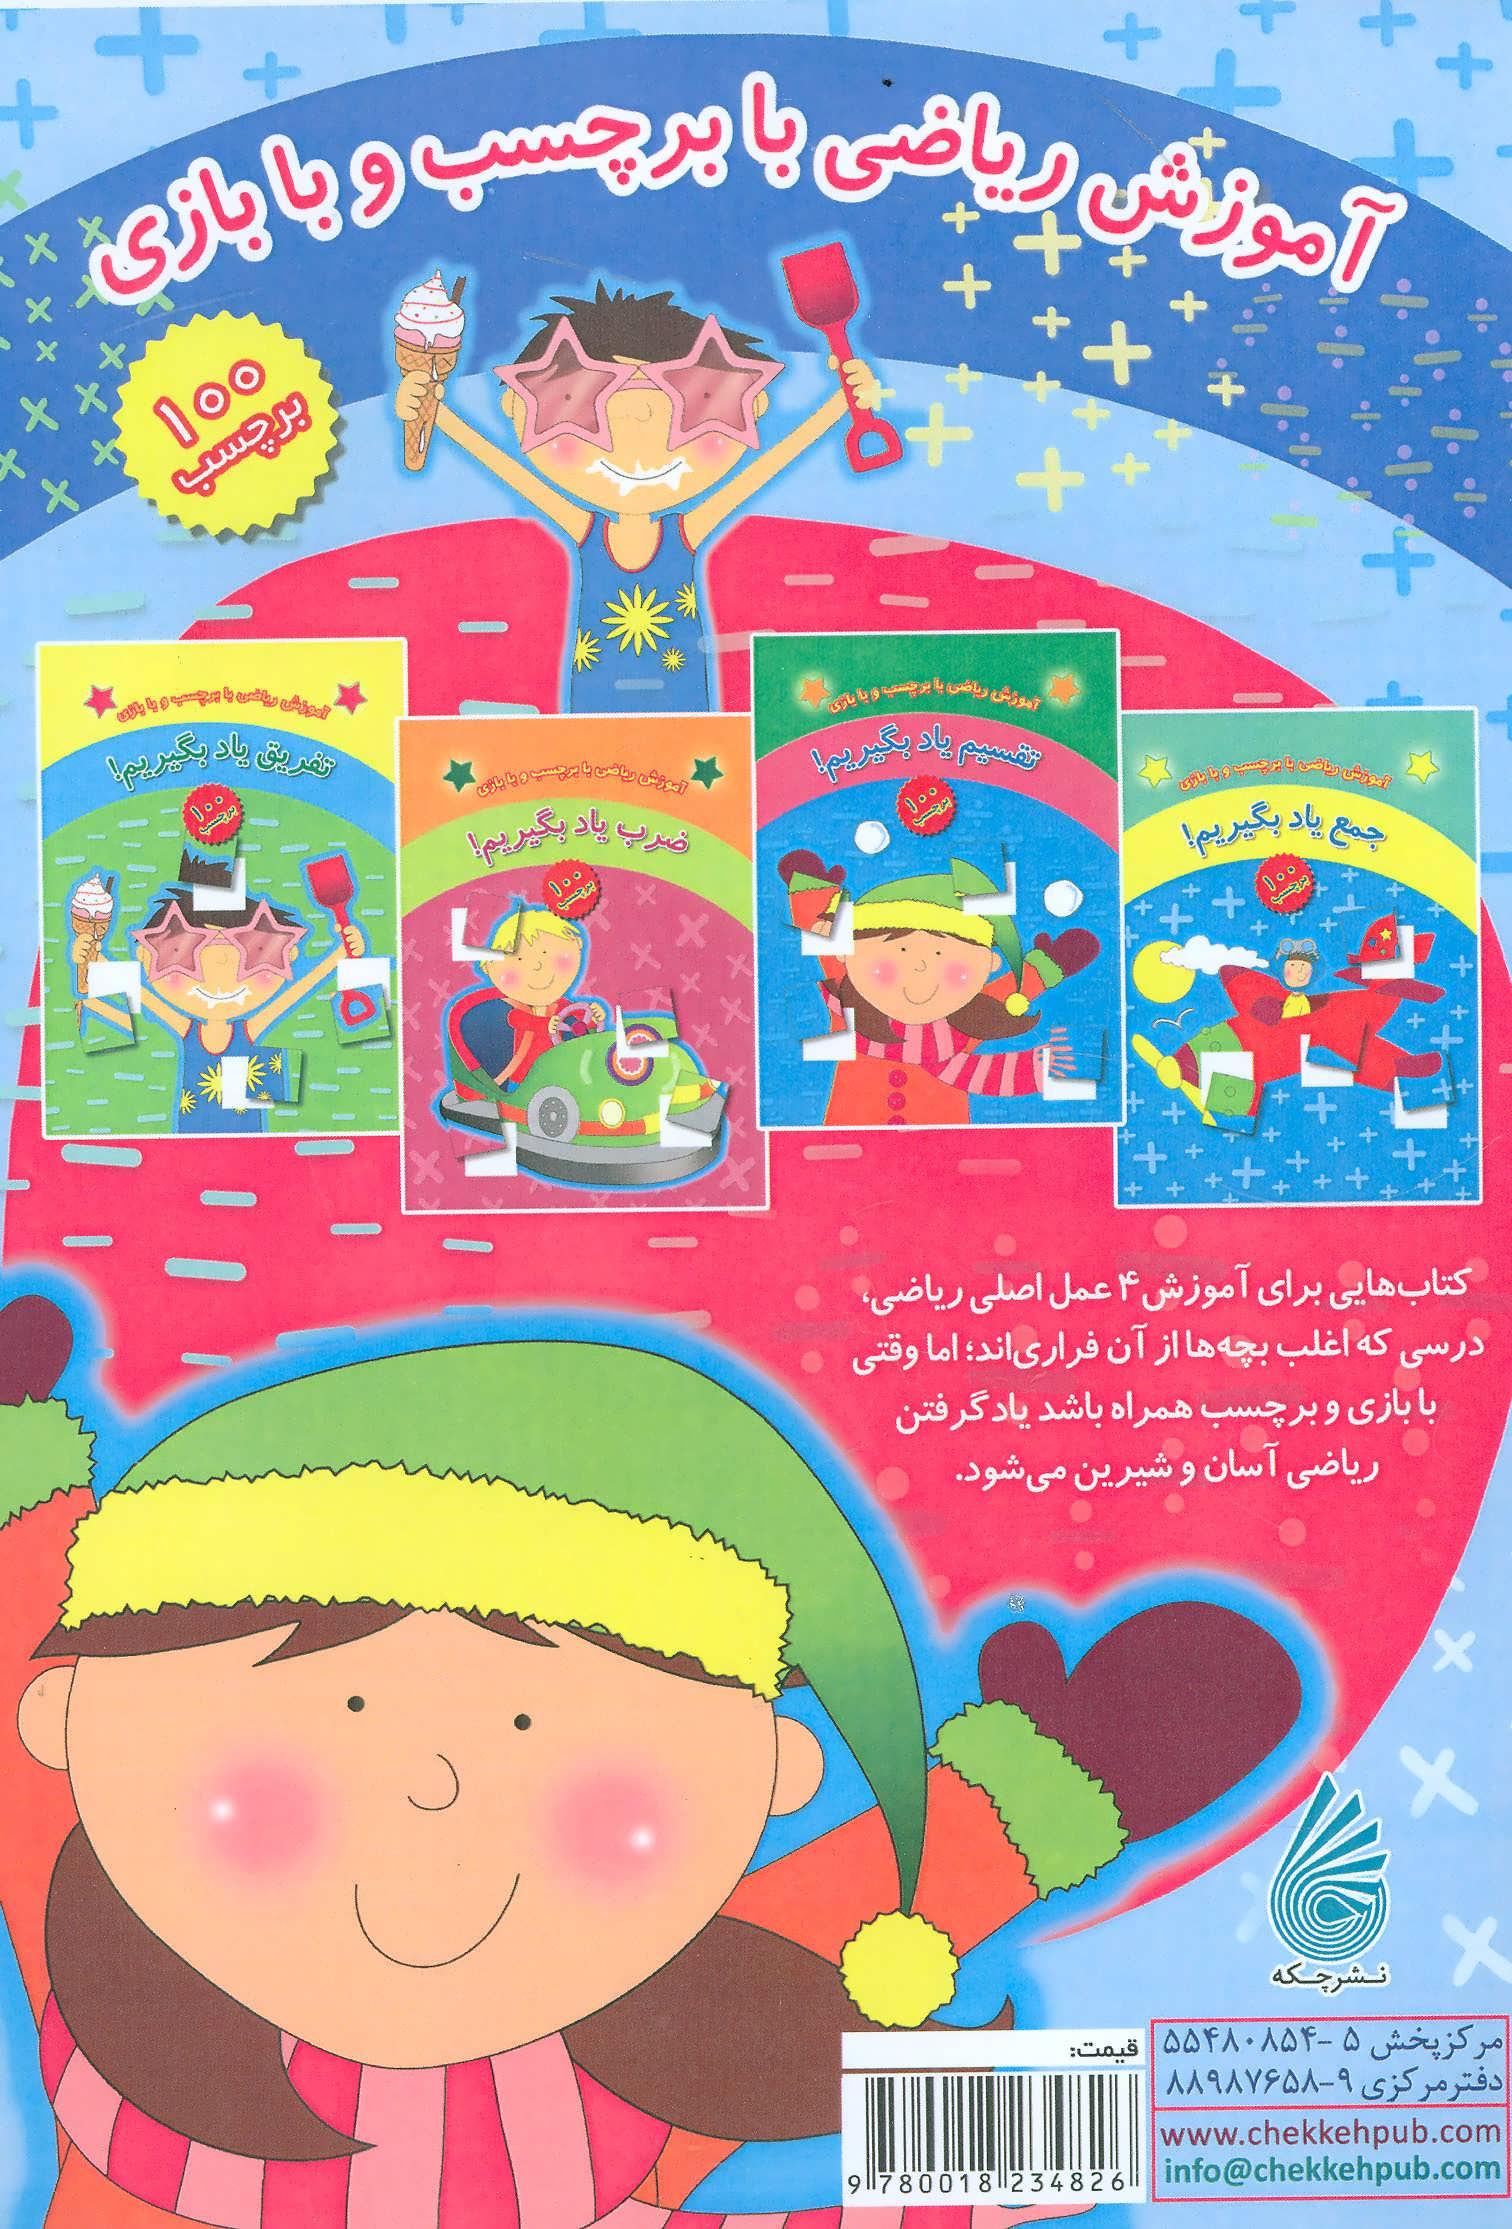 کتاب مجموعه آموزش ریاضی با برچسب و با بازی (۴جلدی)